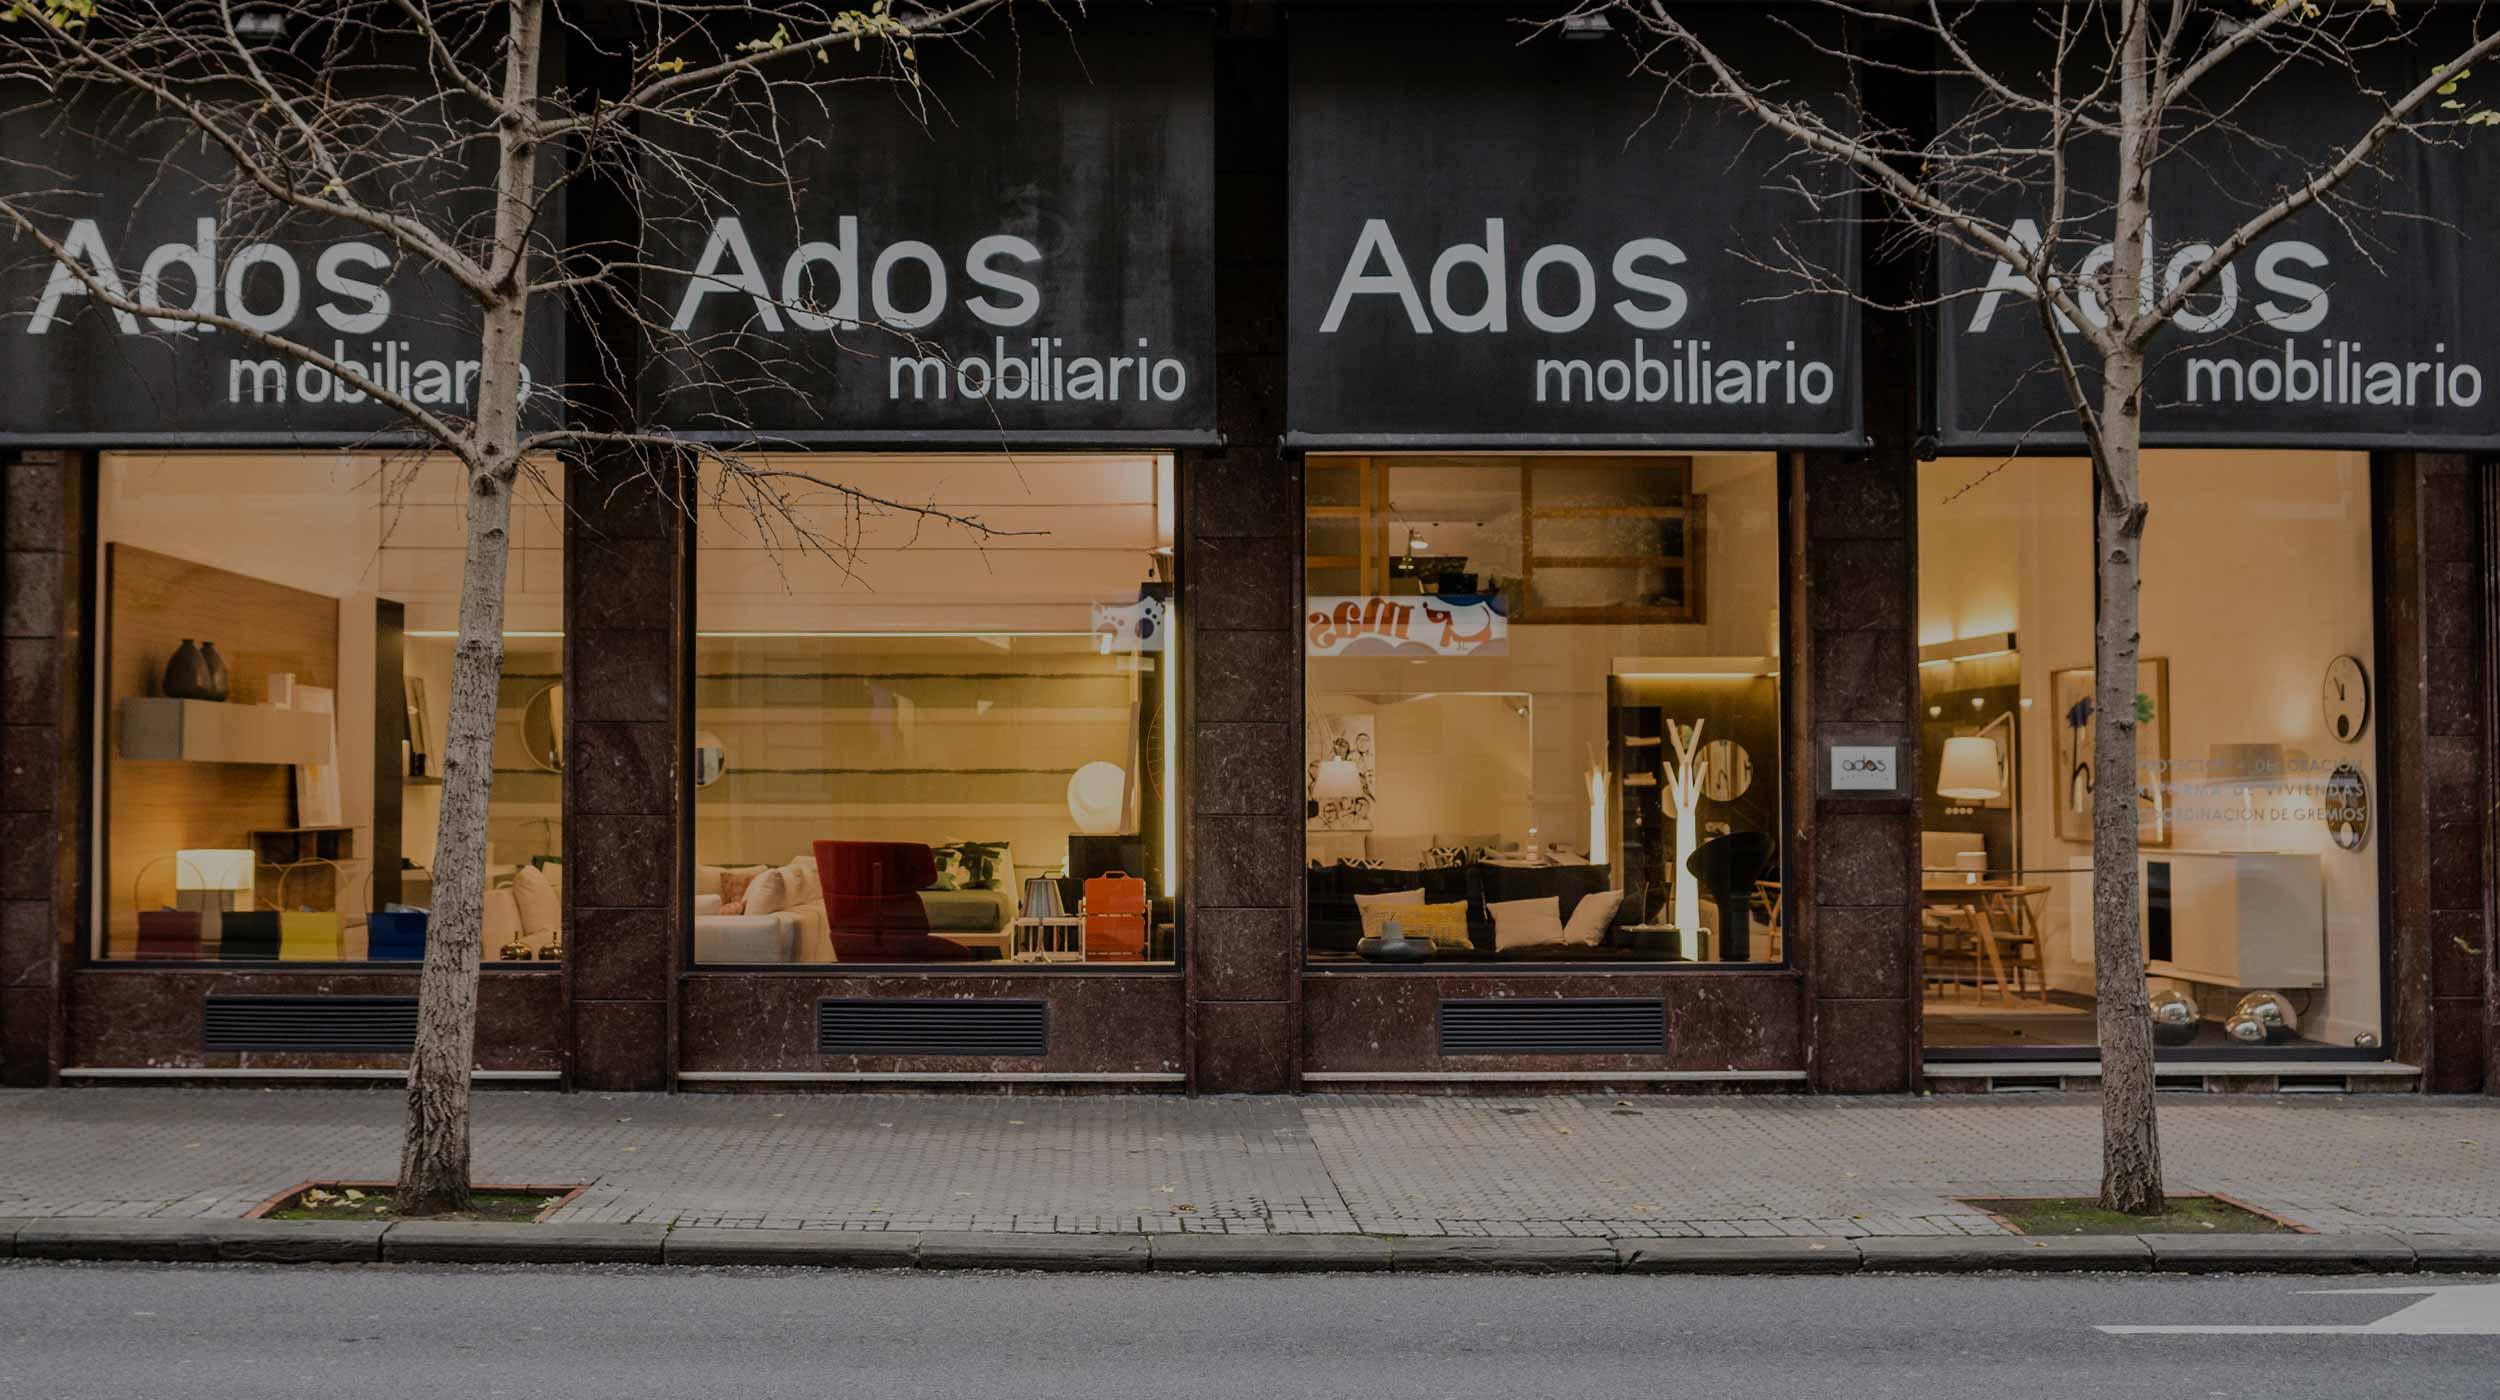 Ados-mobiliario-proyectos-personalizados-tienda-slide4a